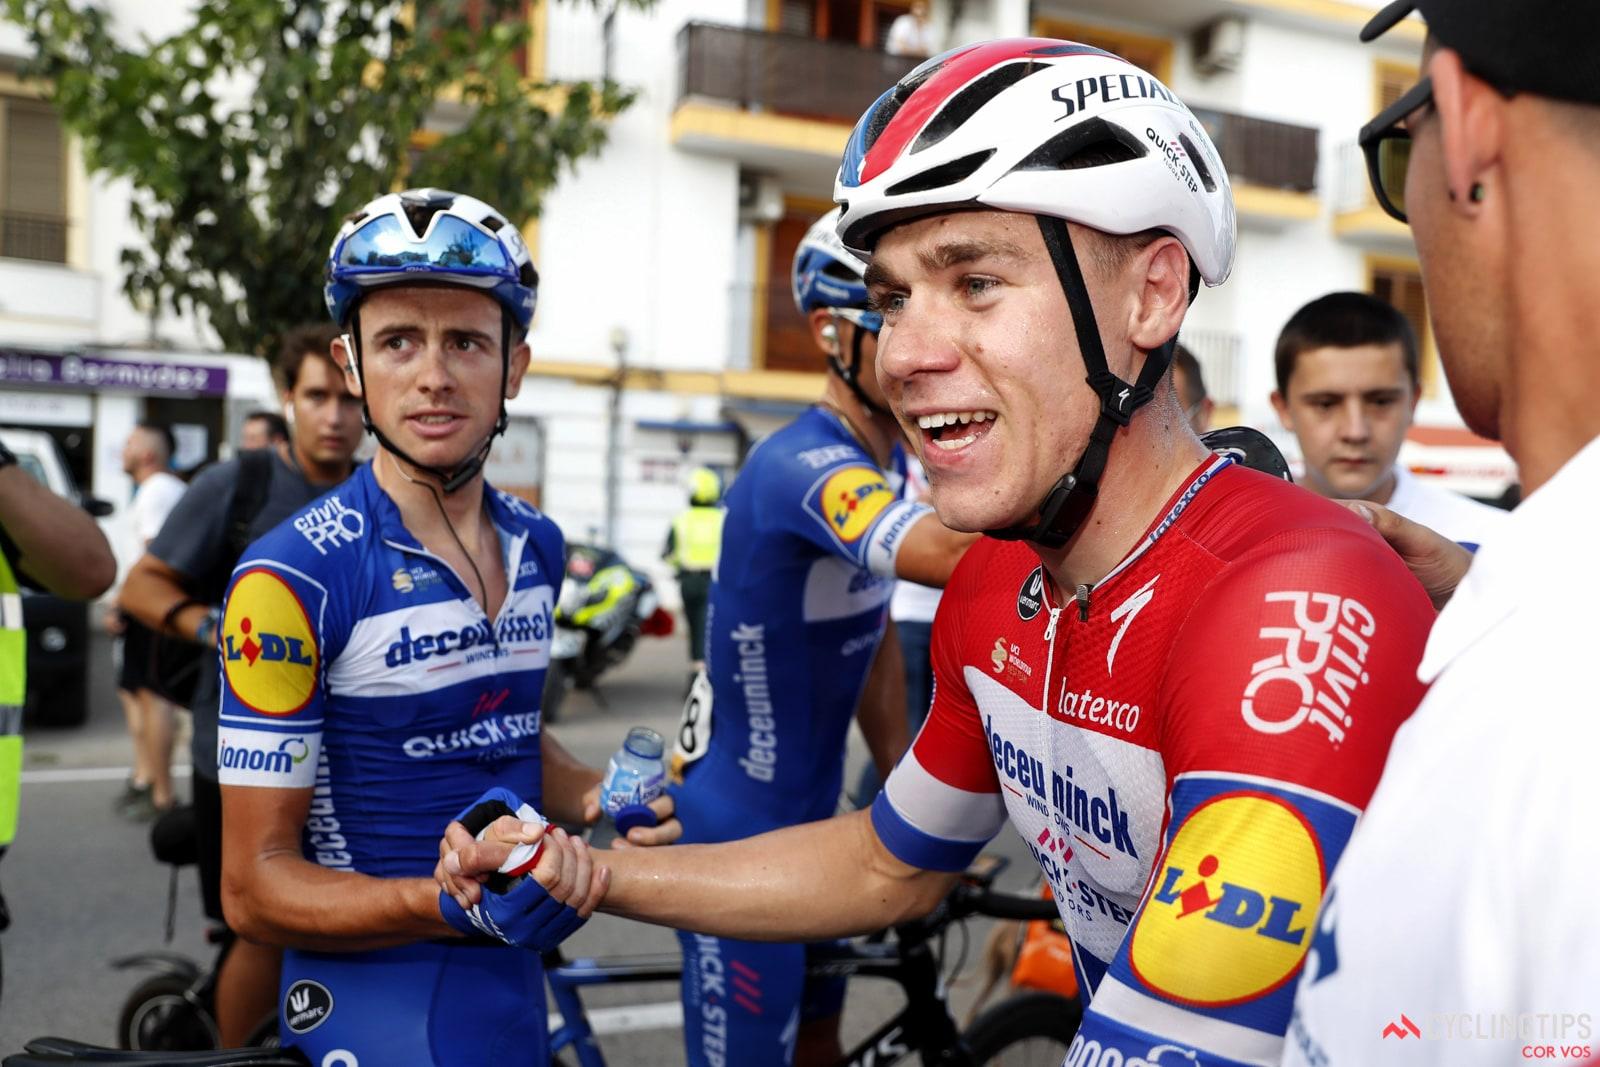 Fabio Jakobsen vertelt het verhaal van zijn crash en de nasleep ervan